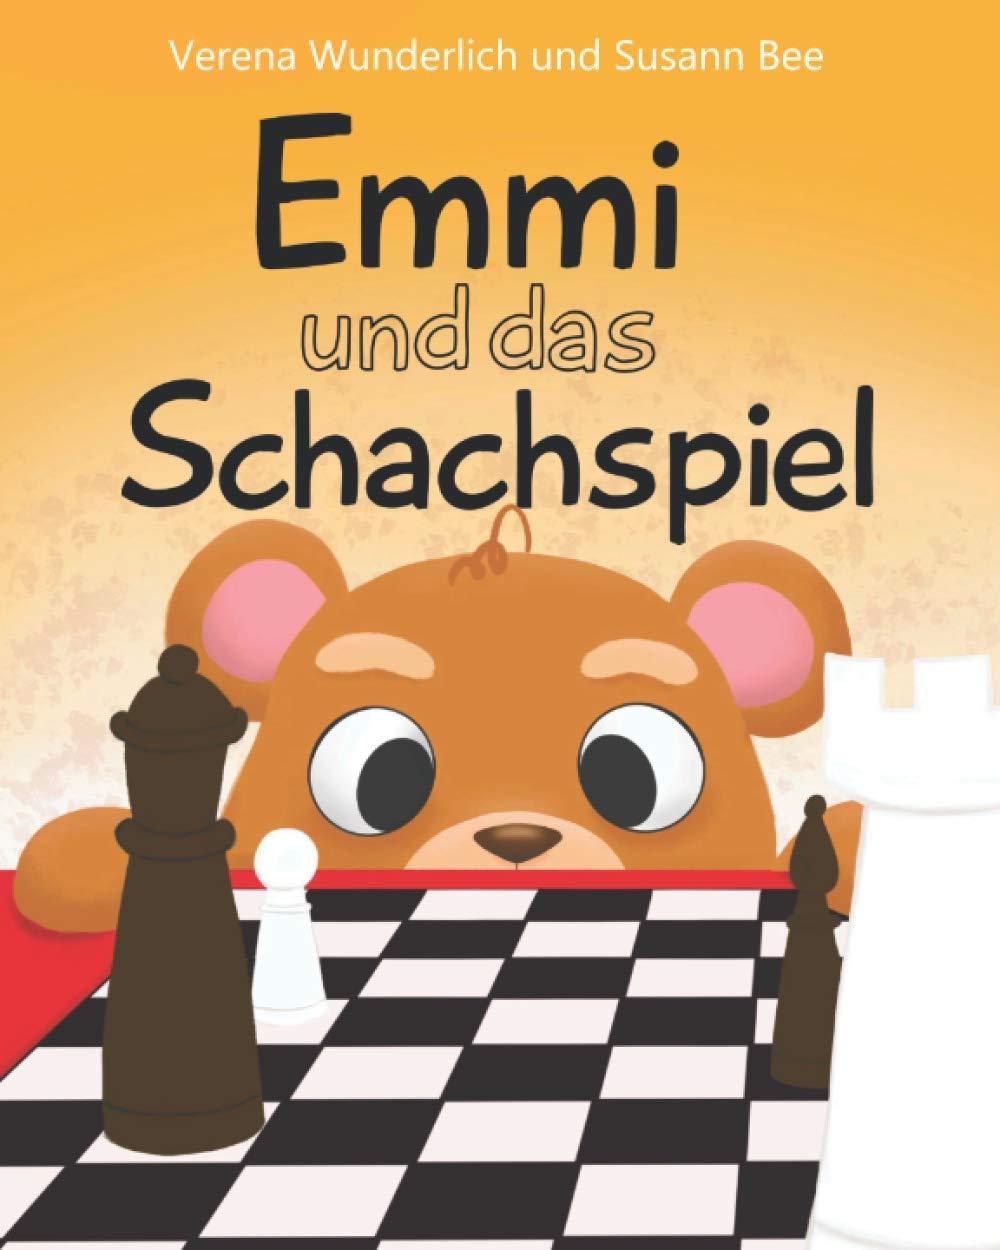 Emmi und das Schachspiel: Amazon.de: Wunderlich, Verena, Bee, Susann: Bücher